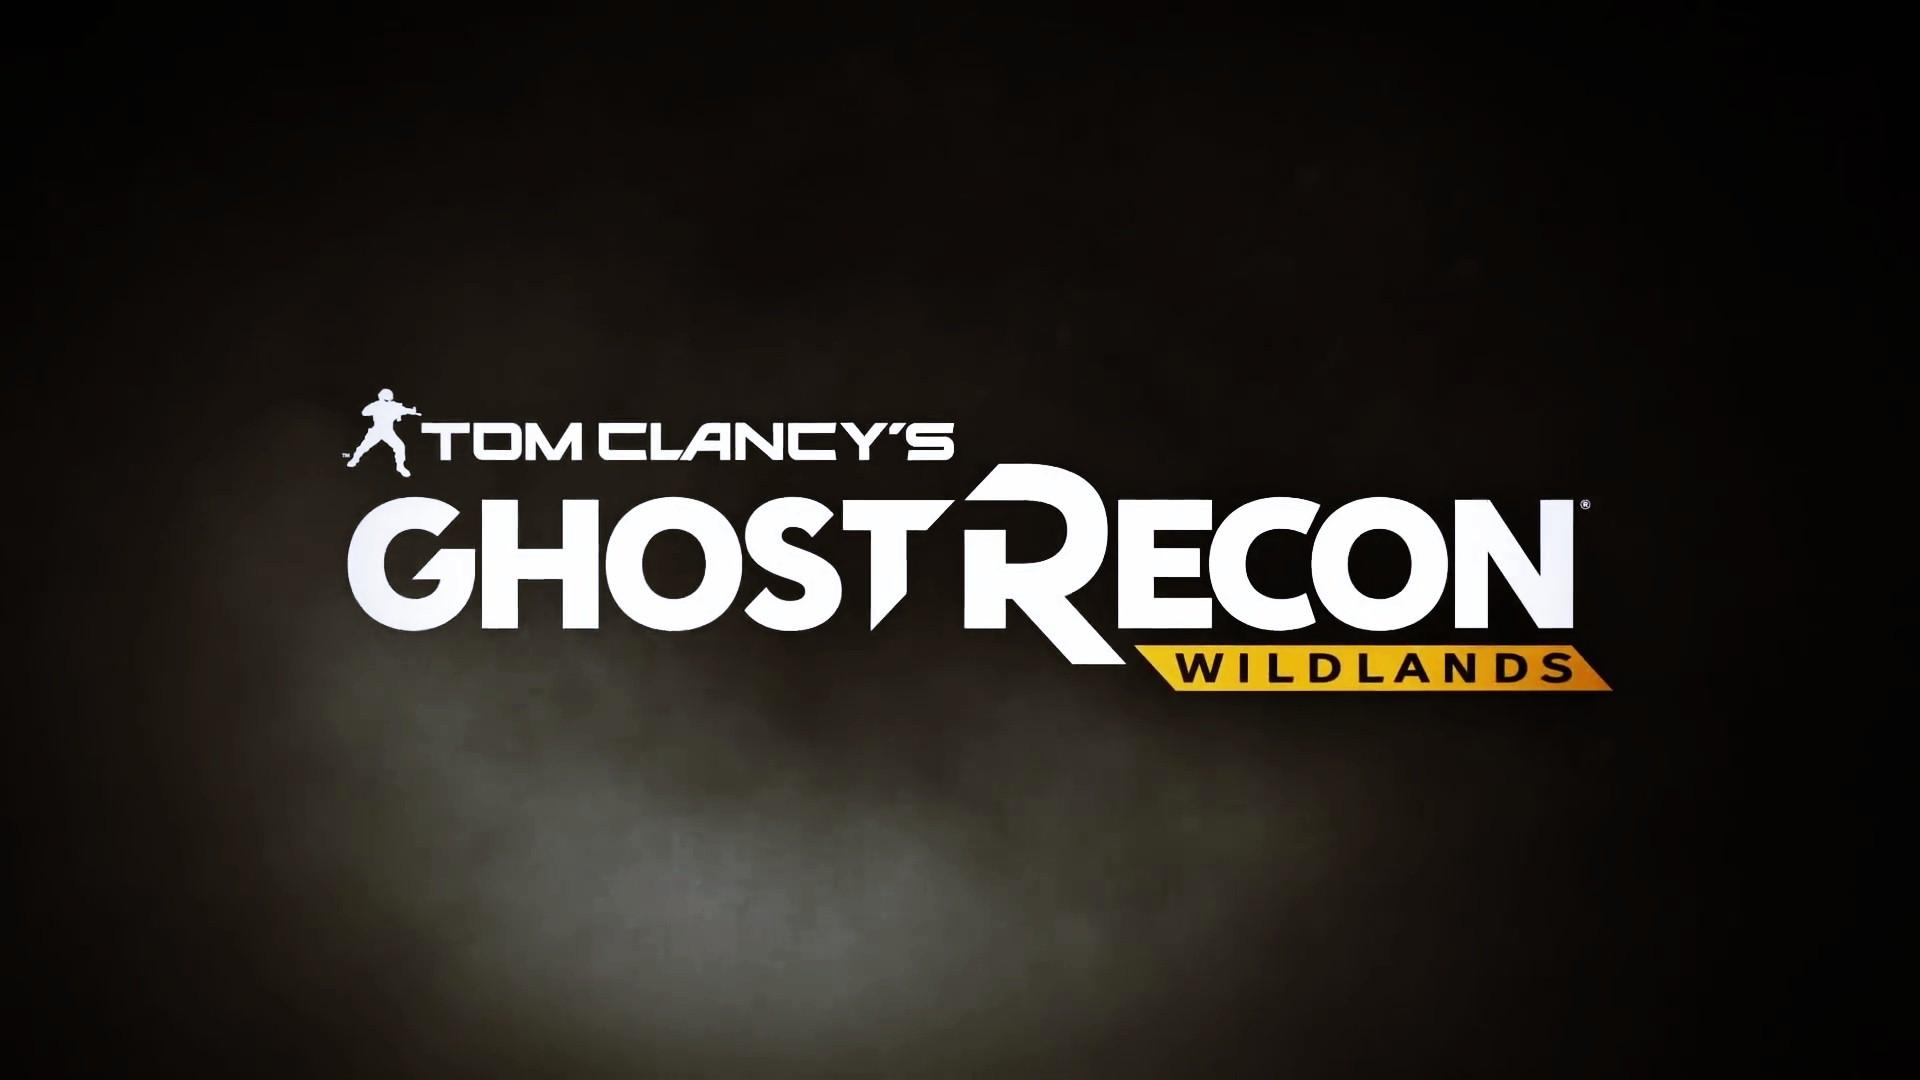 Tom Clancys Ghost Recon Wildlands Photos